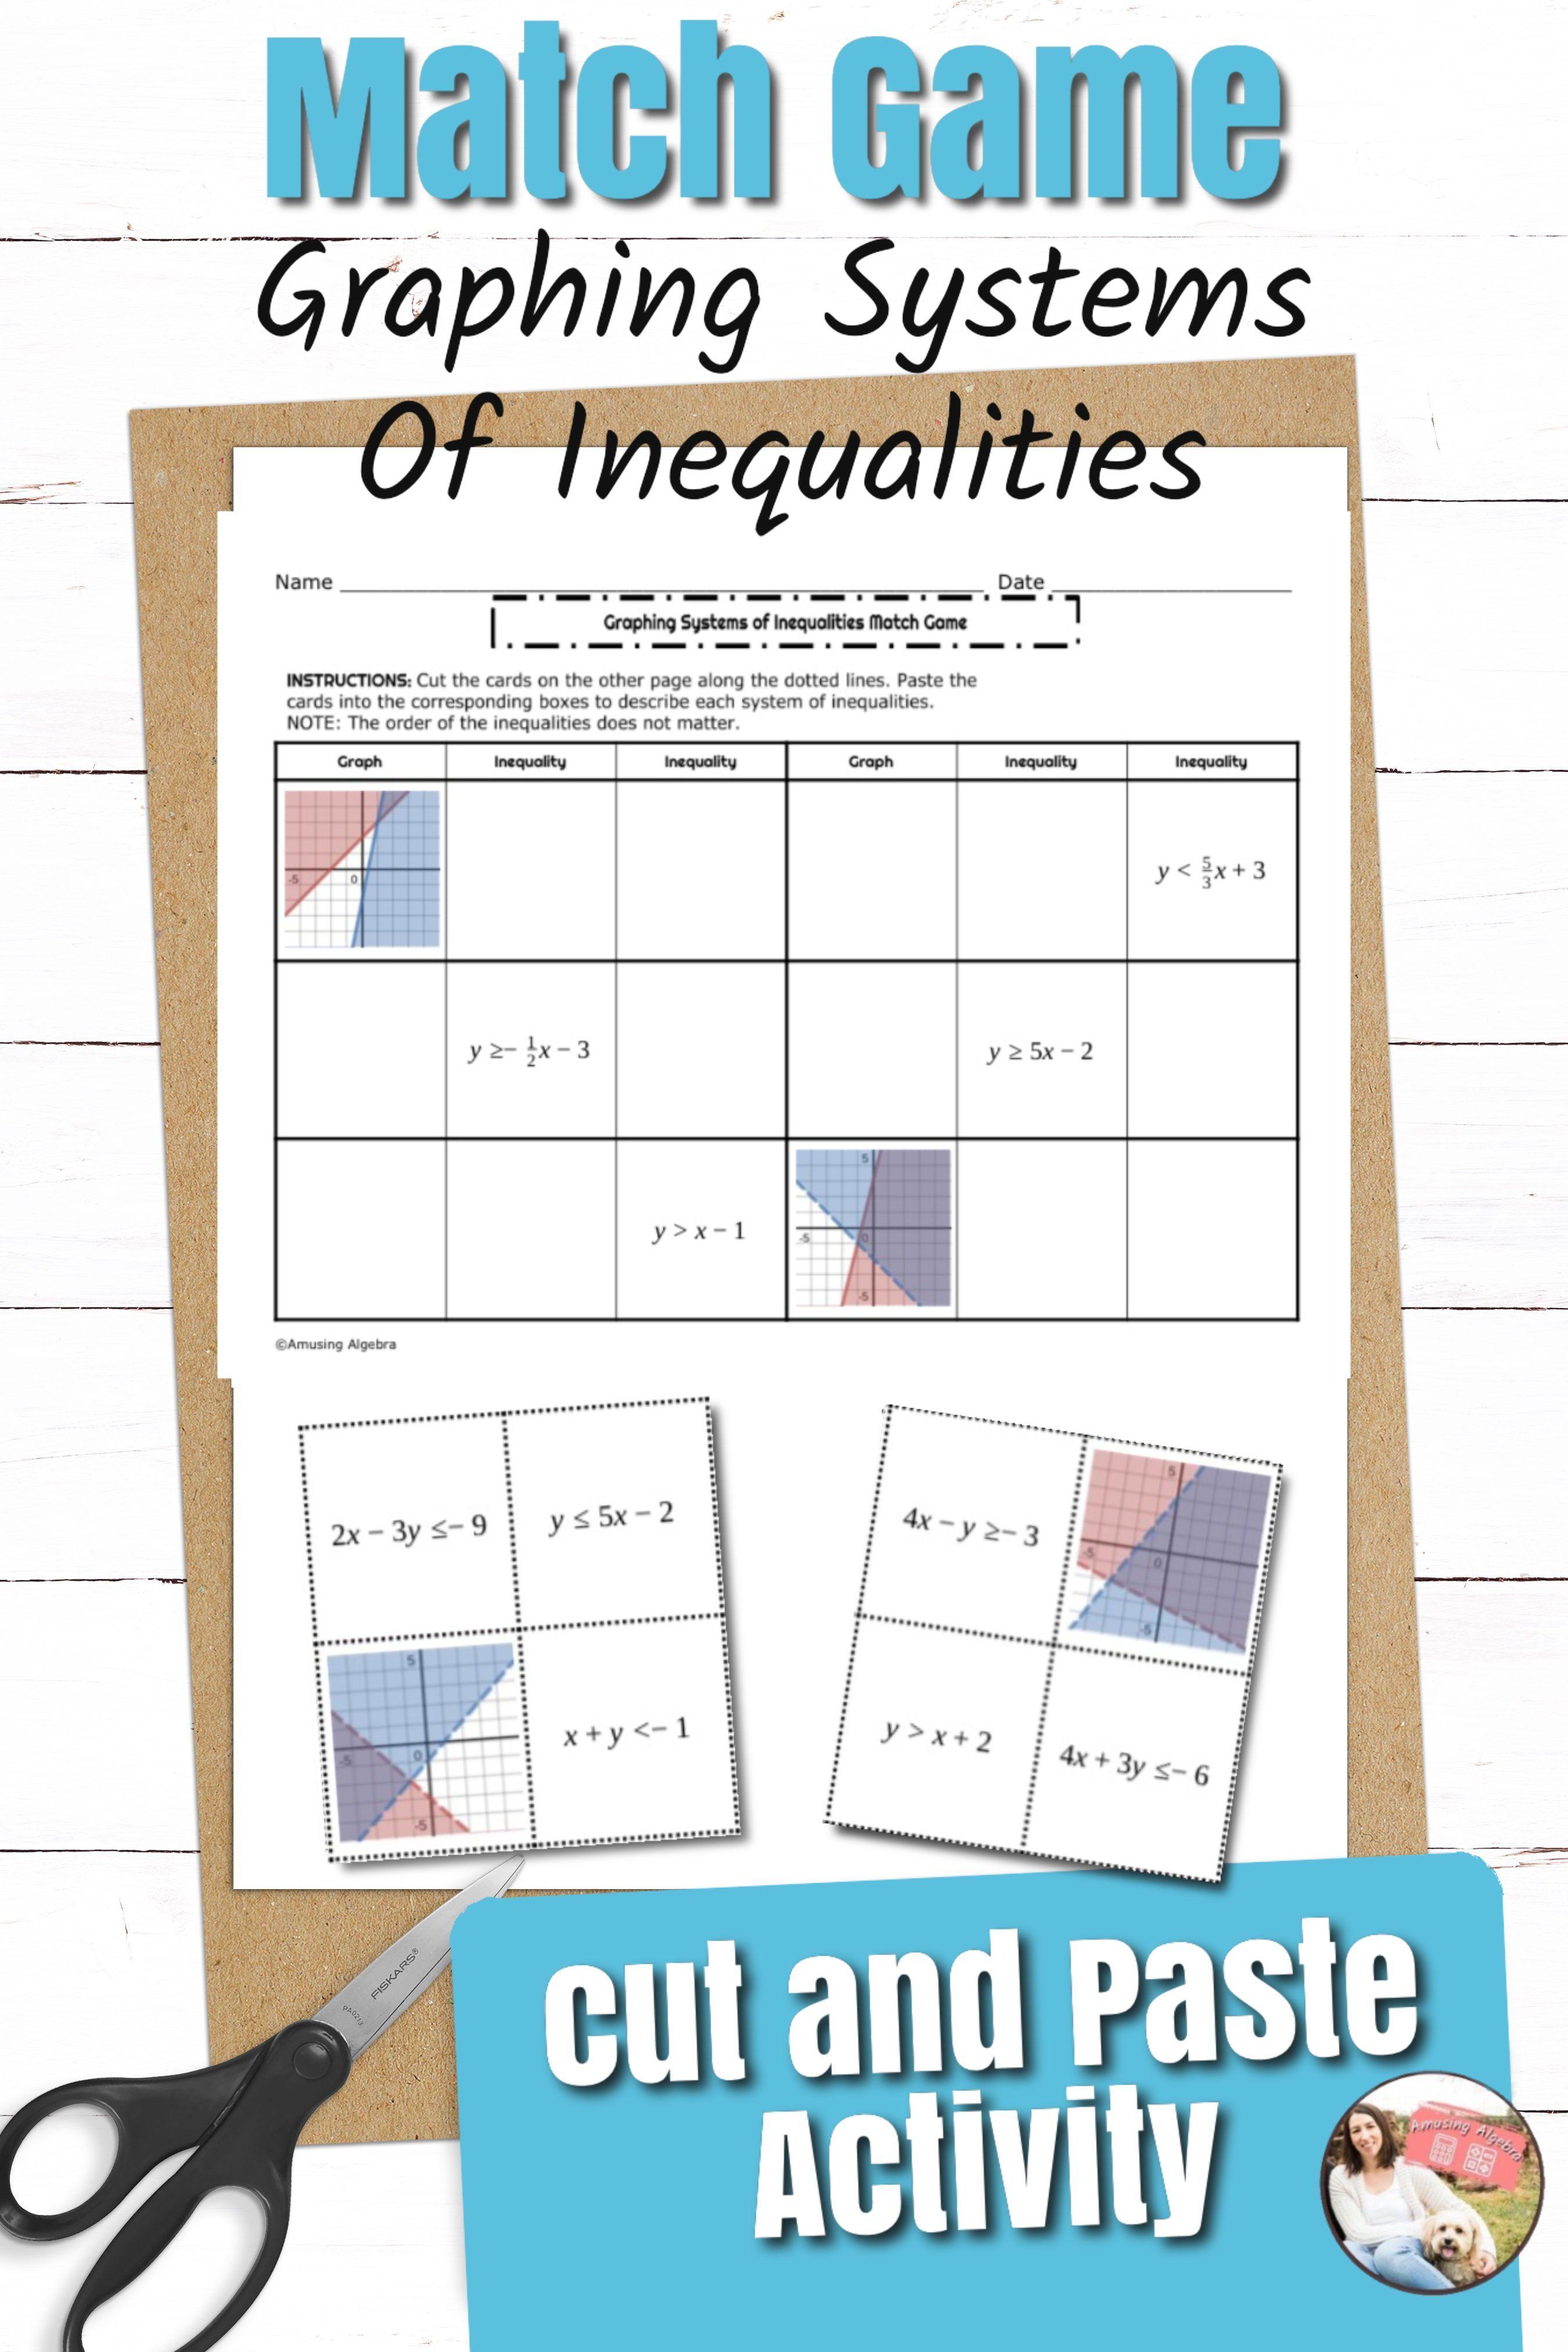 700 Algebra 2 Ideas In 2021 Solving Quadratics Algebra Quadratics